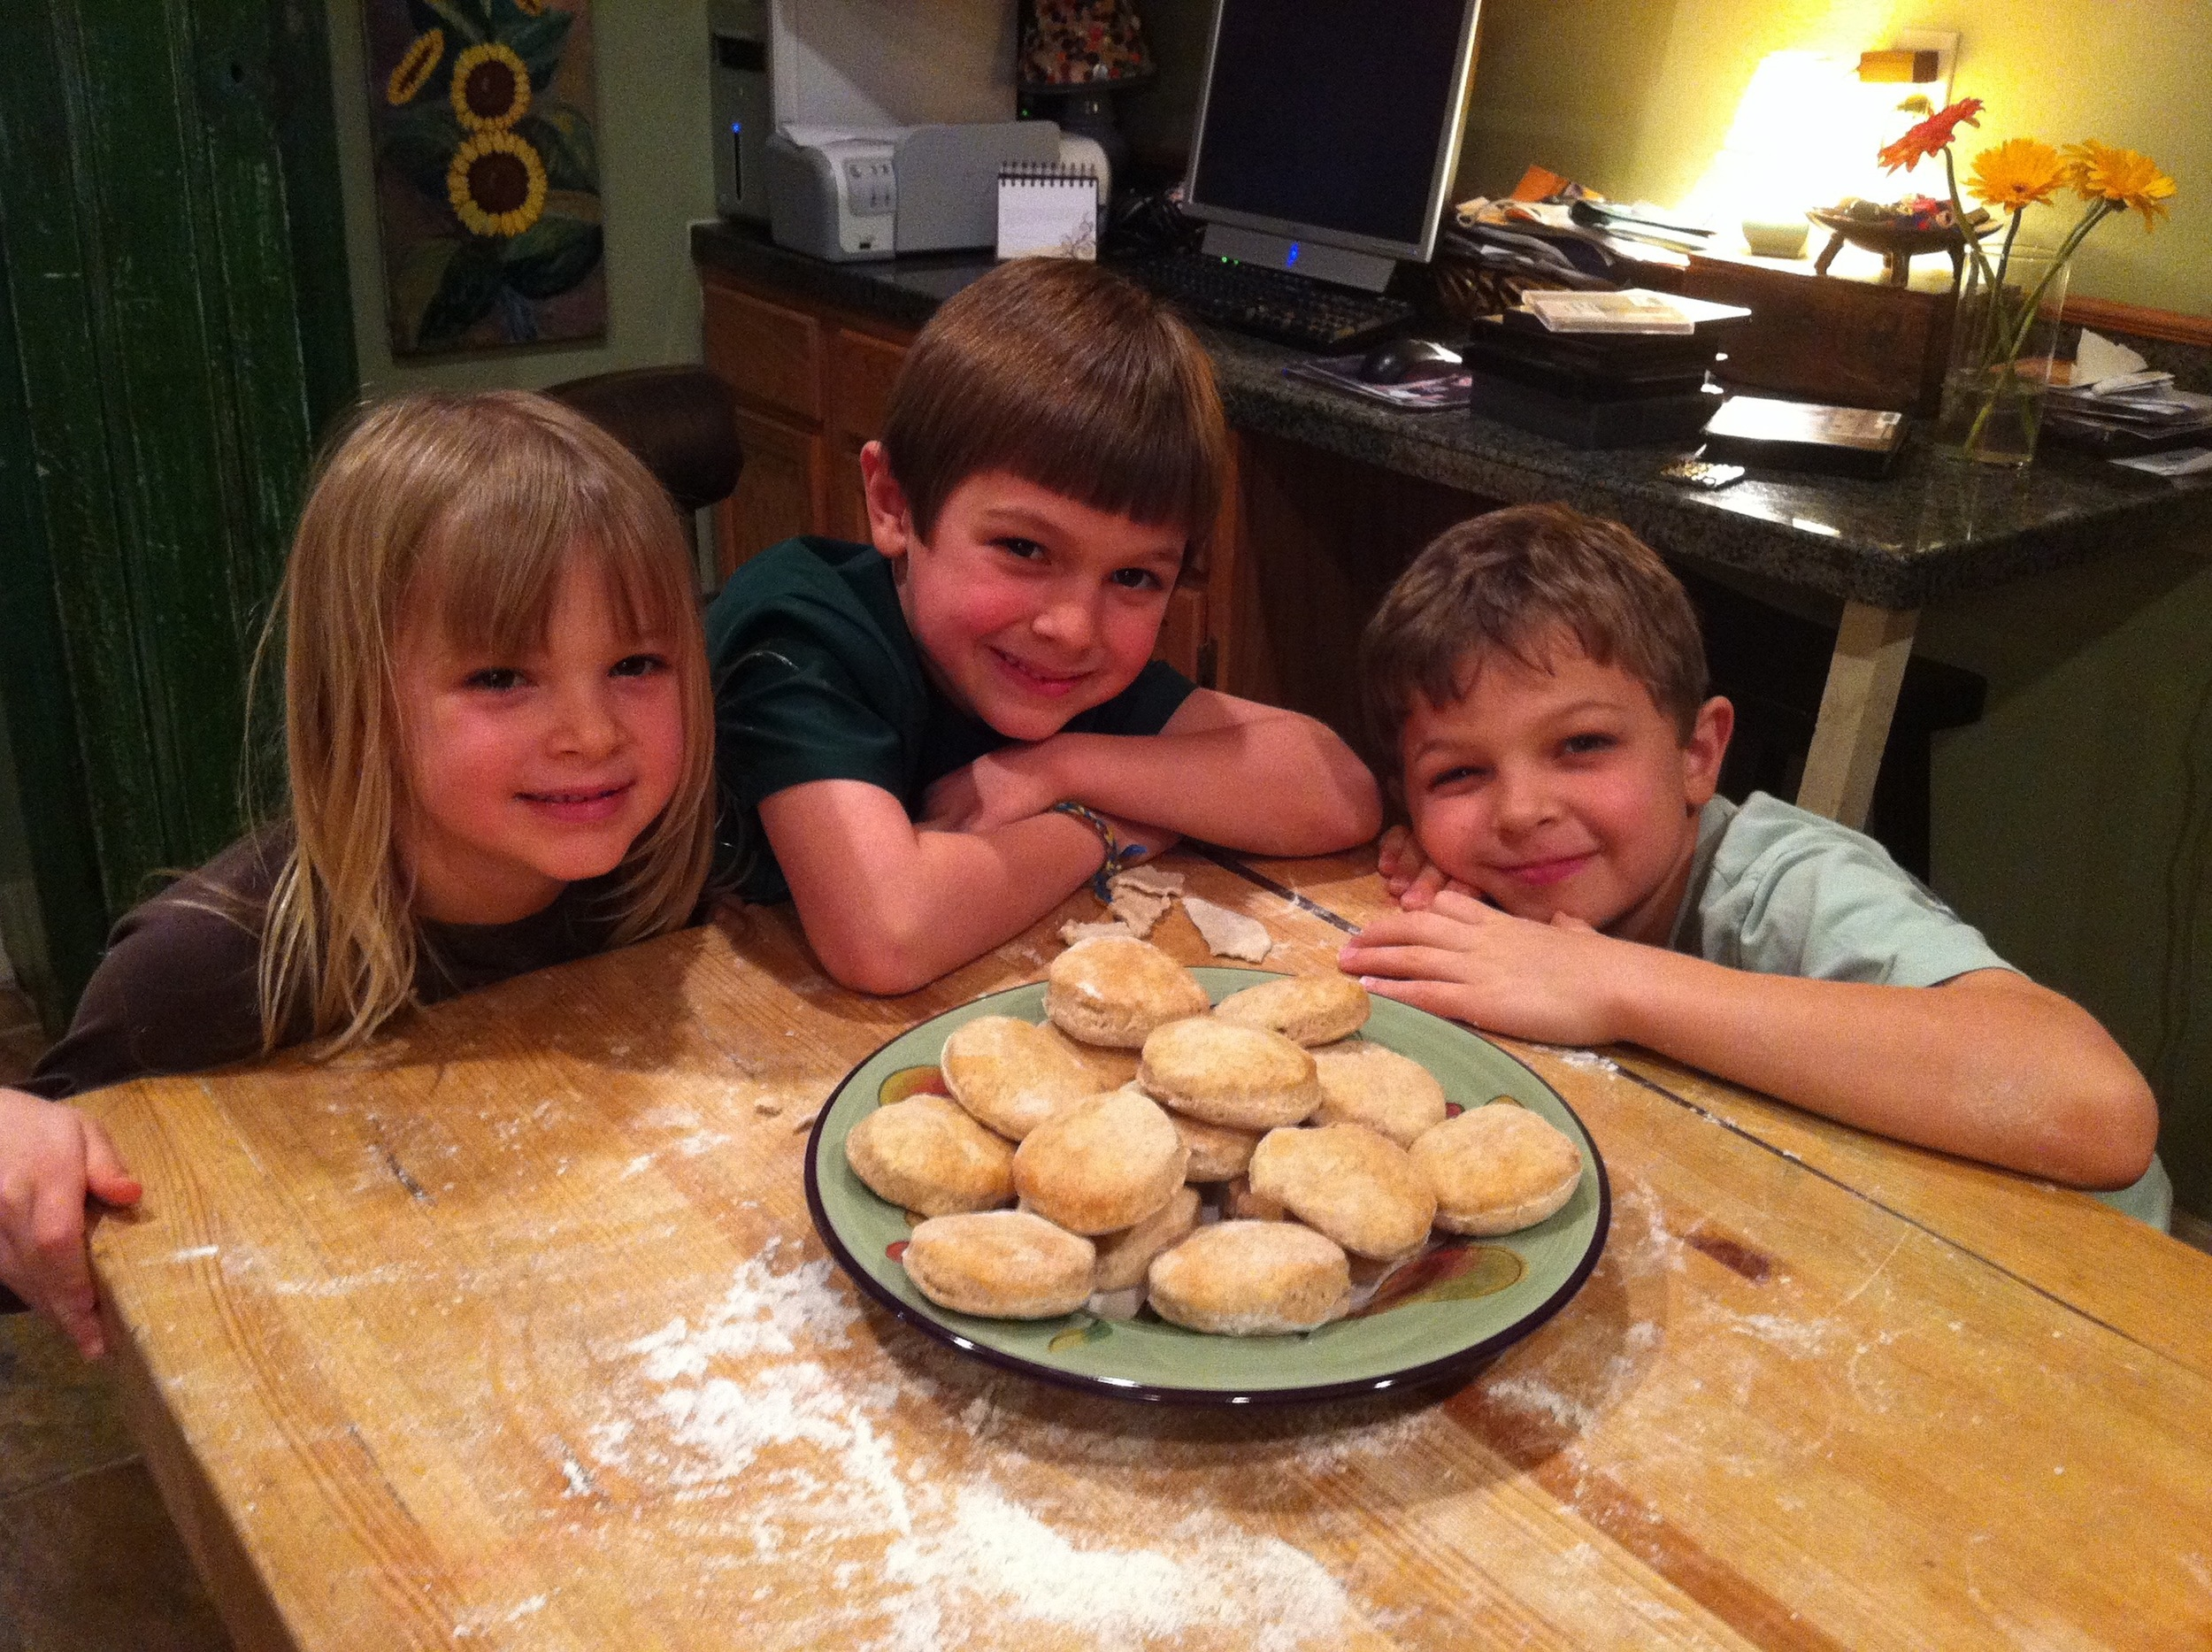 my kids displaying their baking skills